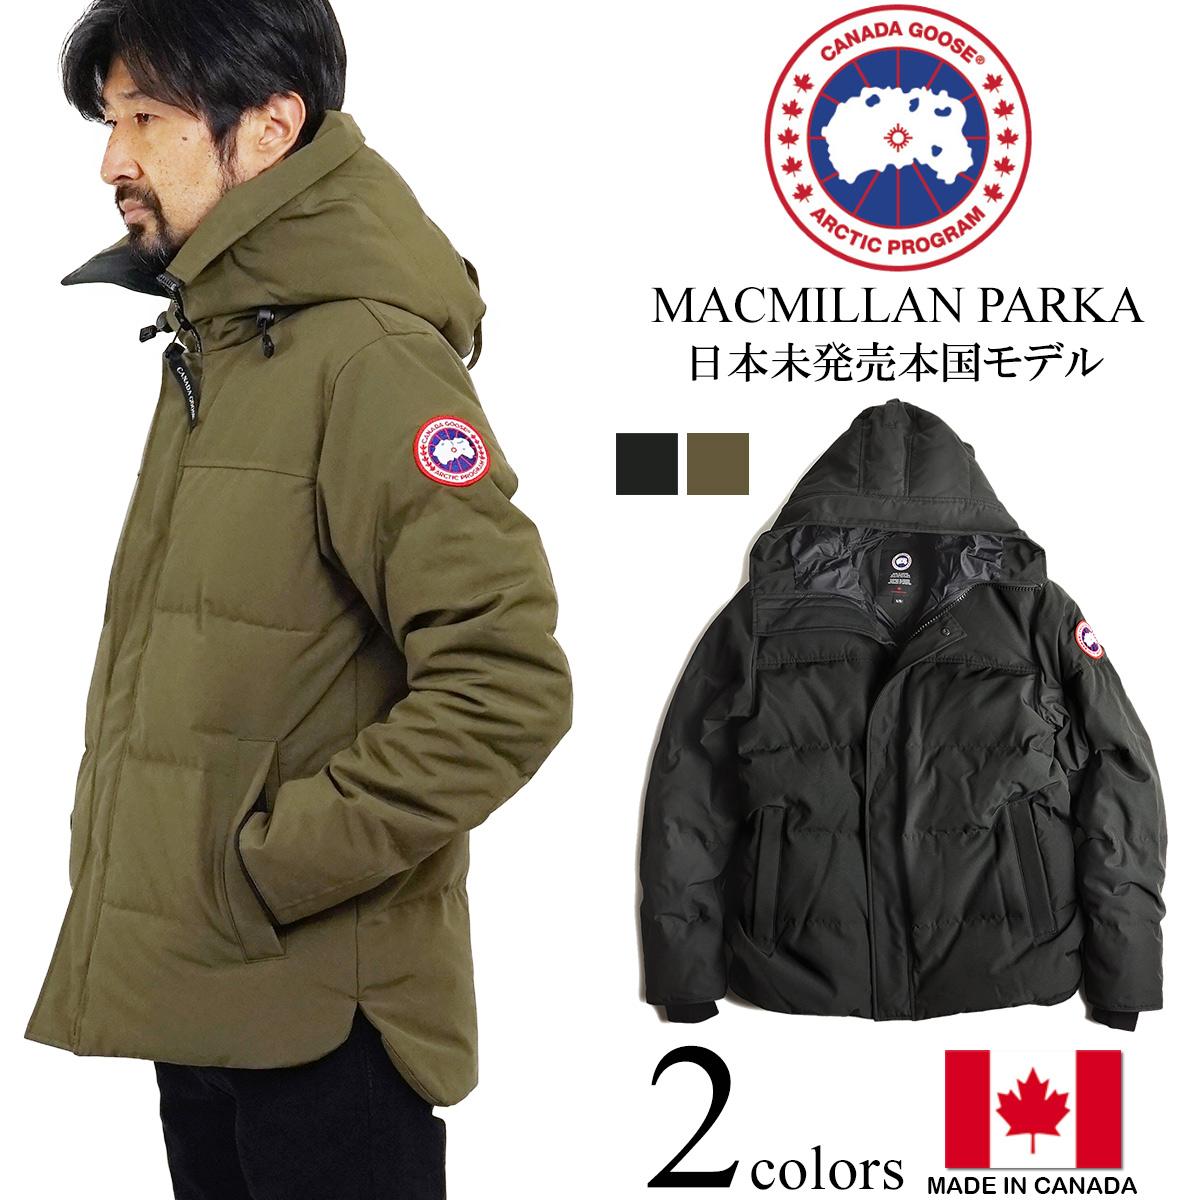 ~日本未発売の世界共通モデル 極寒地プロユース向けの本格仕様 半額 ~ カナダグース CANADA GOOSE マクミランパーカー ダウンジャケット 代理店未扱いモデル S-XXL PARKA 本国モデル NEW MACMILLAN メンズ